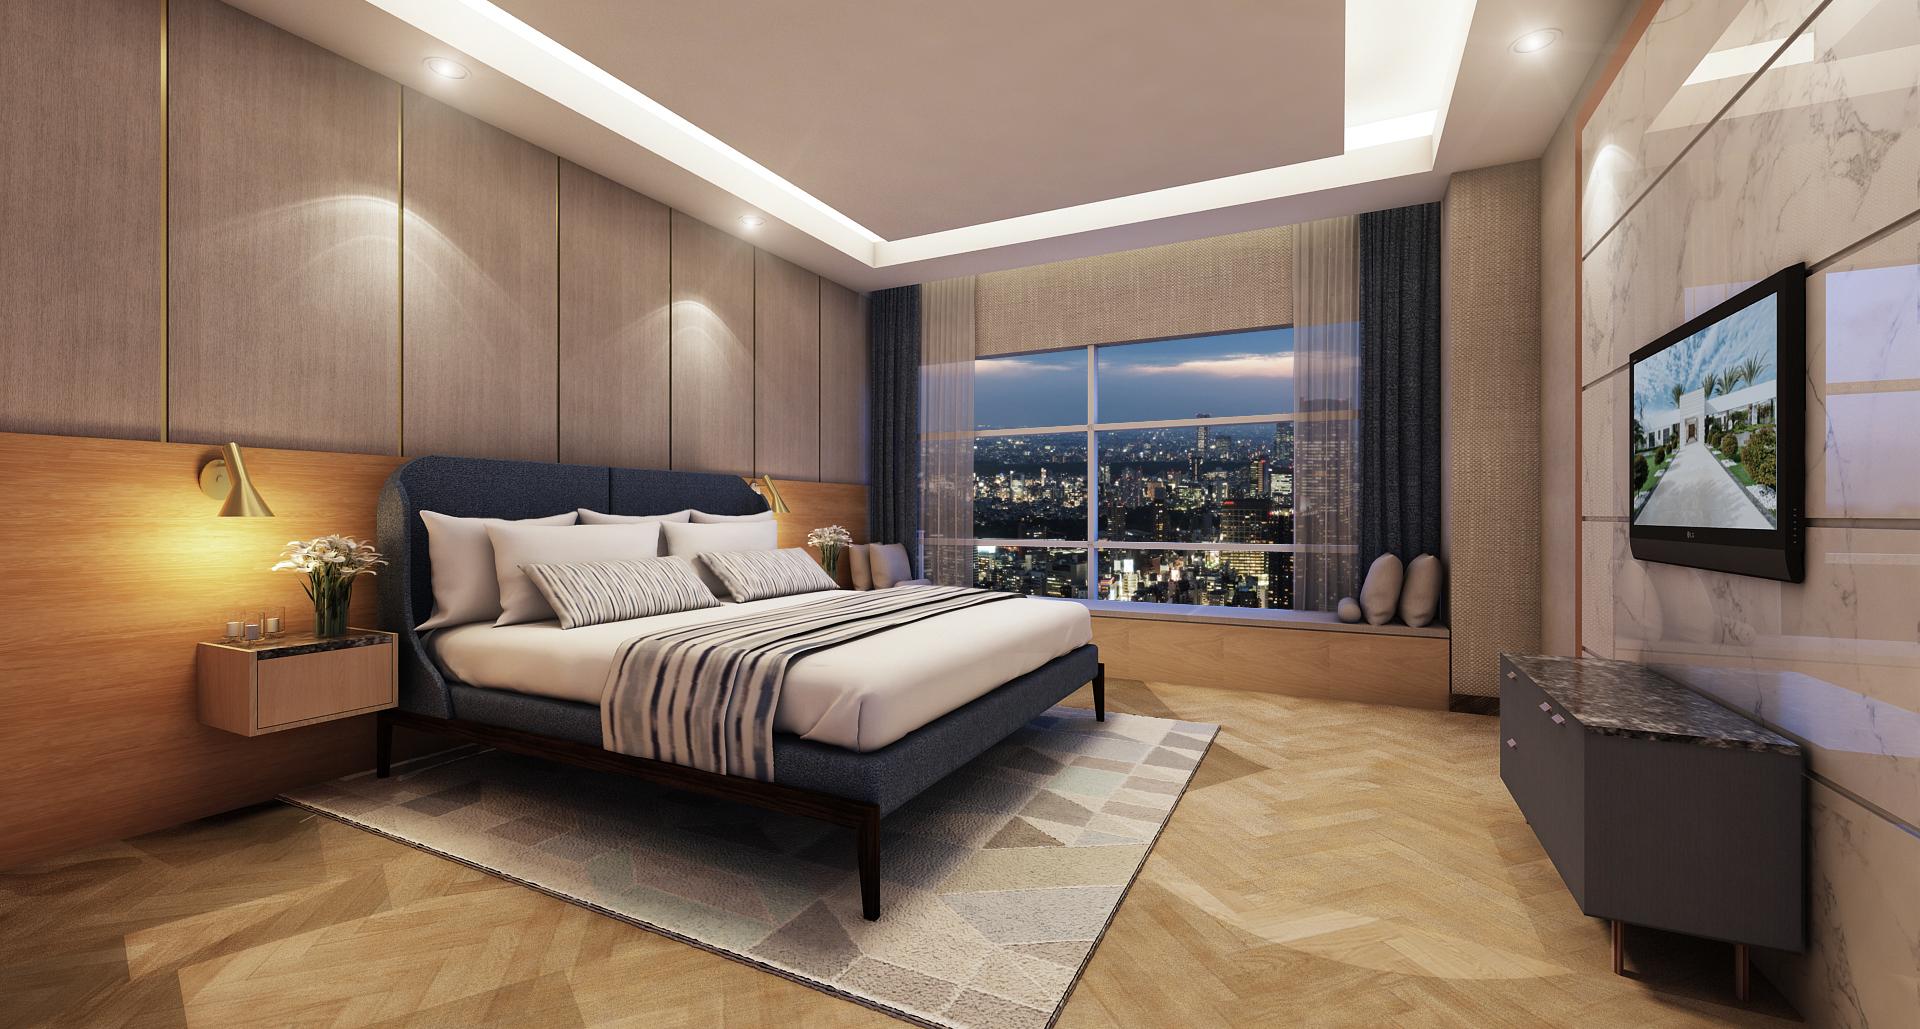 calder_botanica_master bedroom